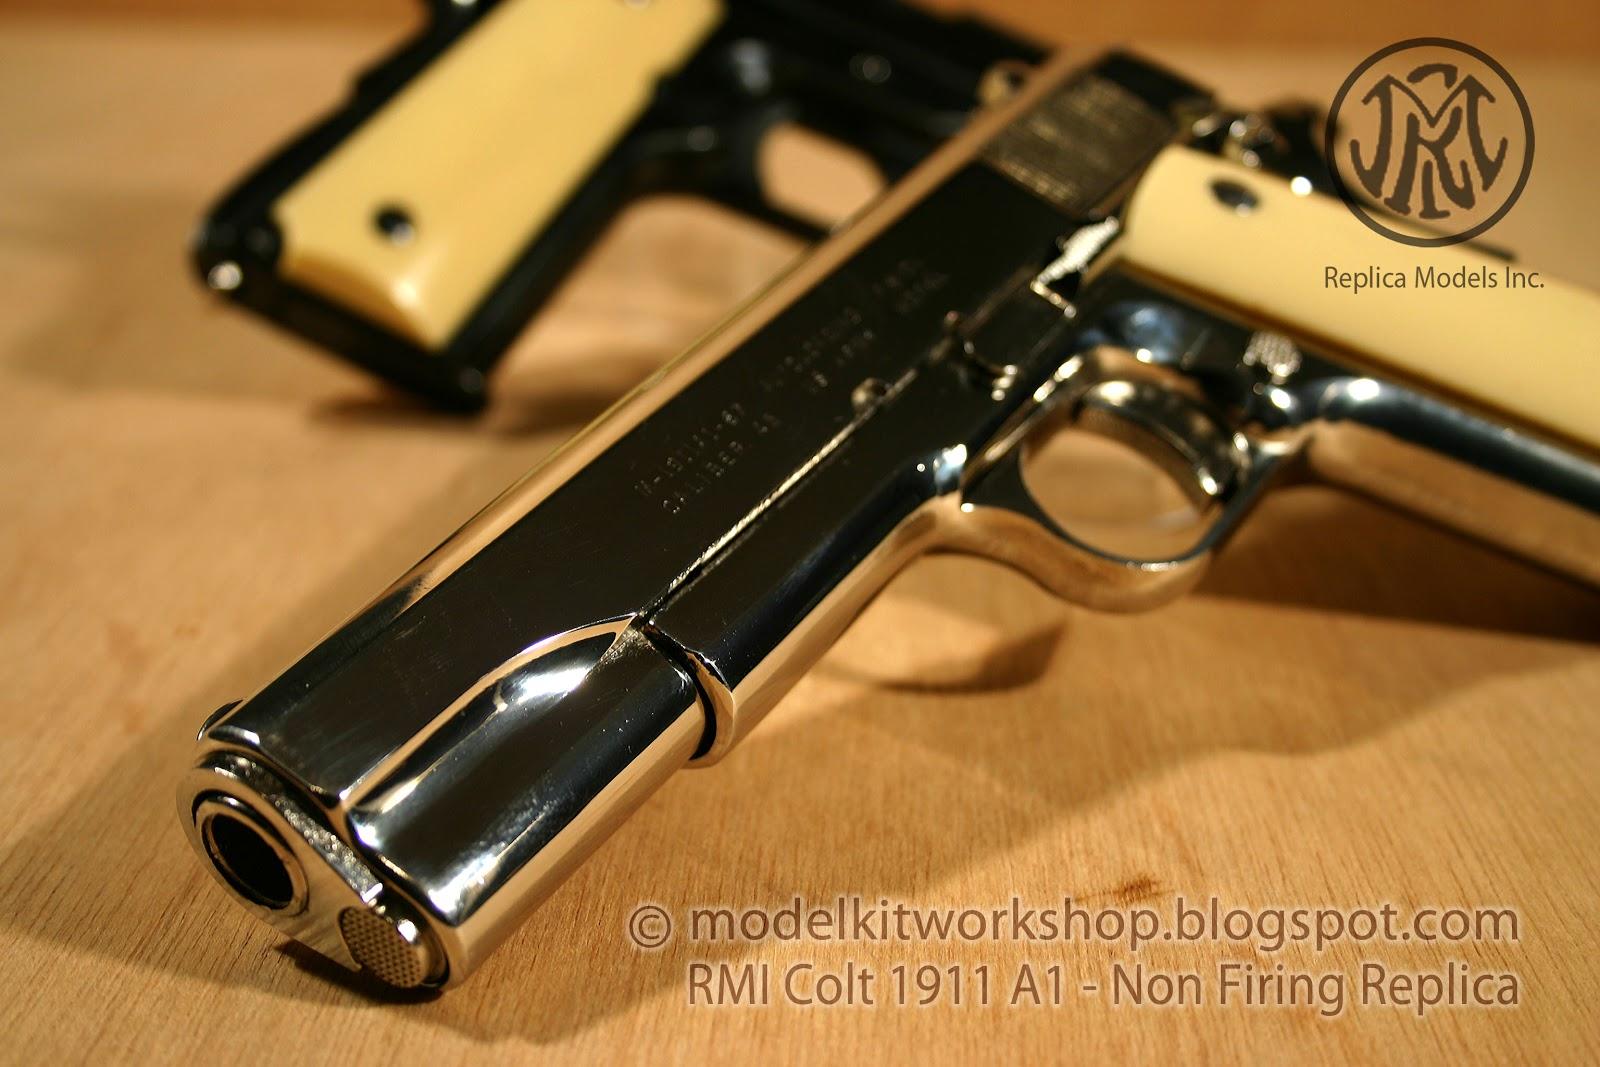 MODELKIT WORKSHOP: NON FIRING REPLICA (Metal) : RMI Colt 1911 A1 45 acp